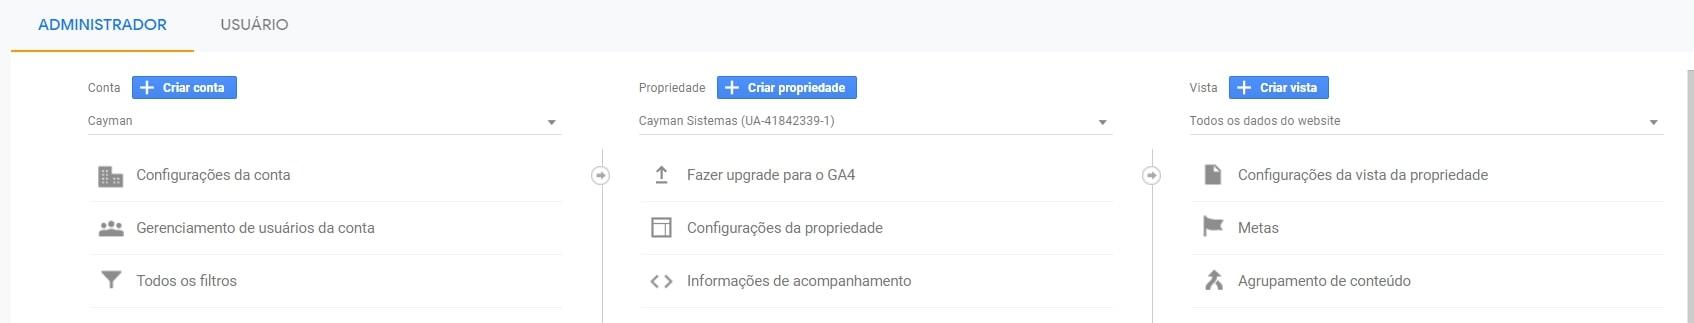 Criar propriedade no Google Analytics